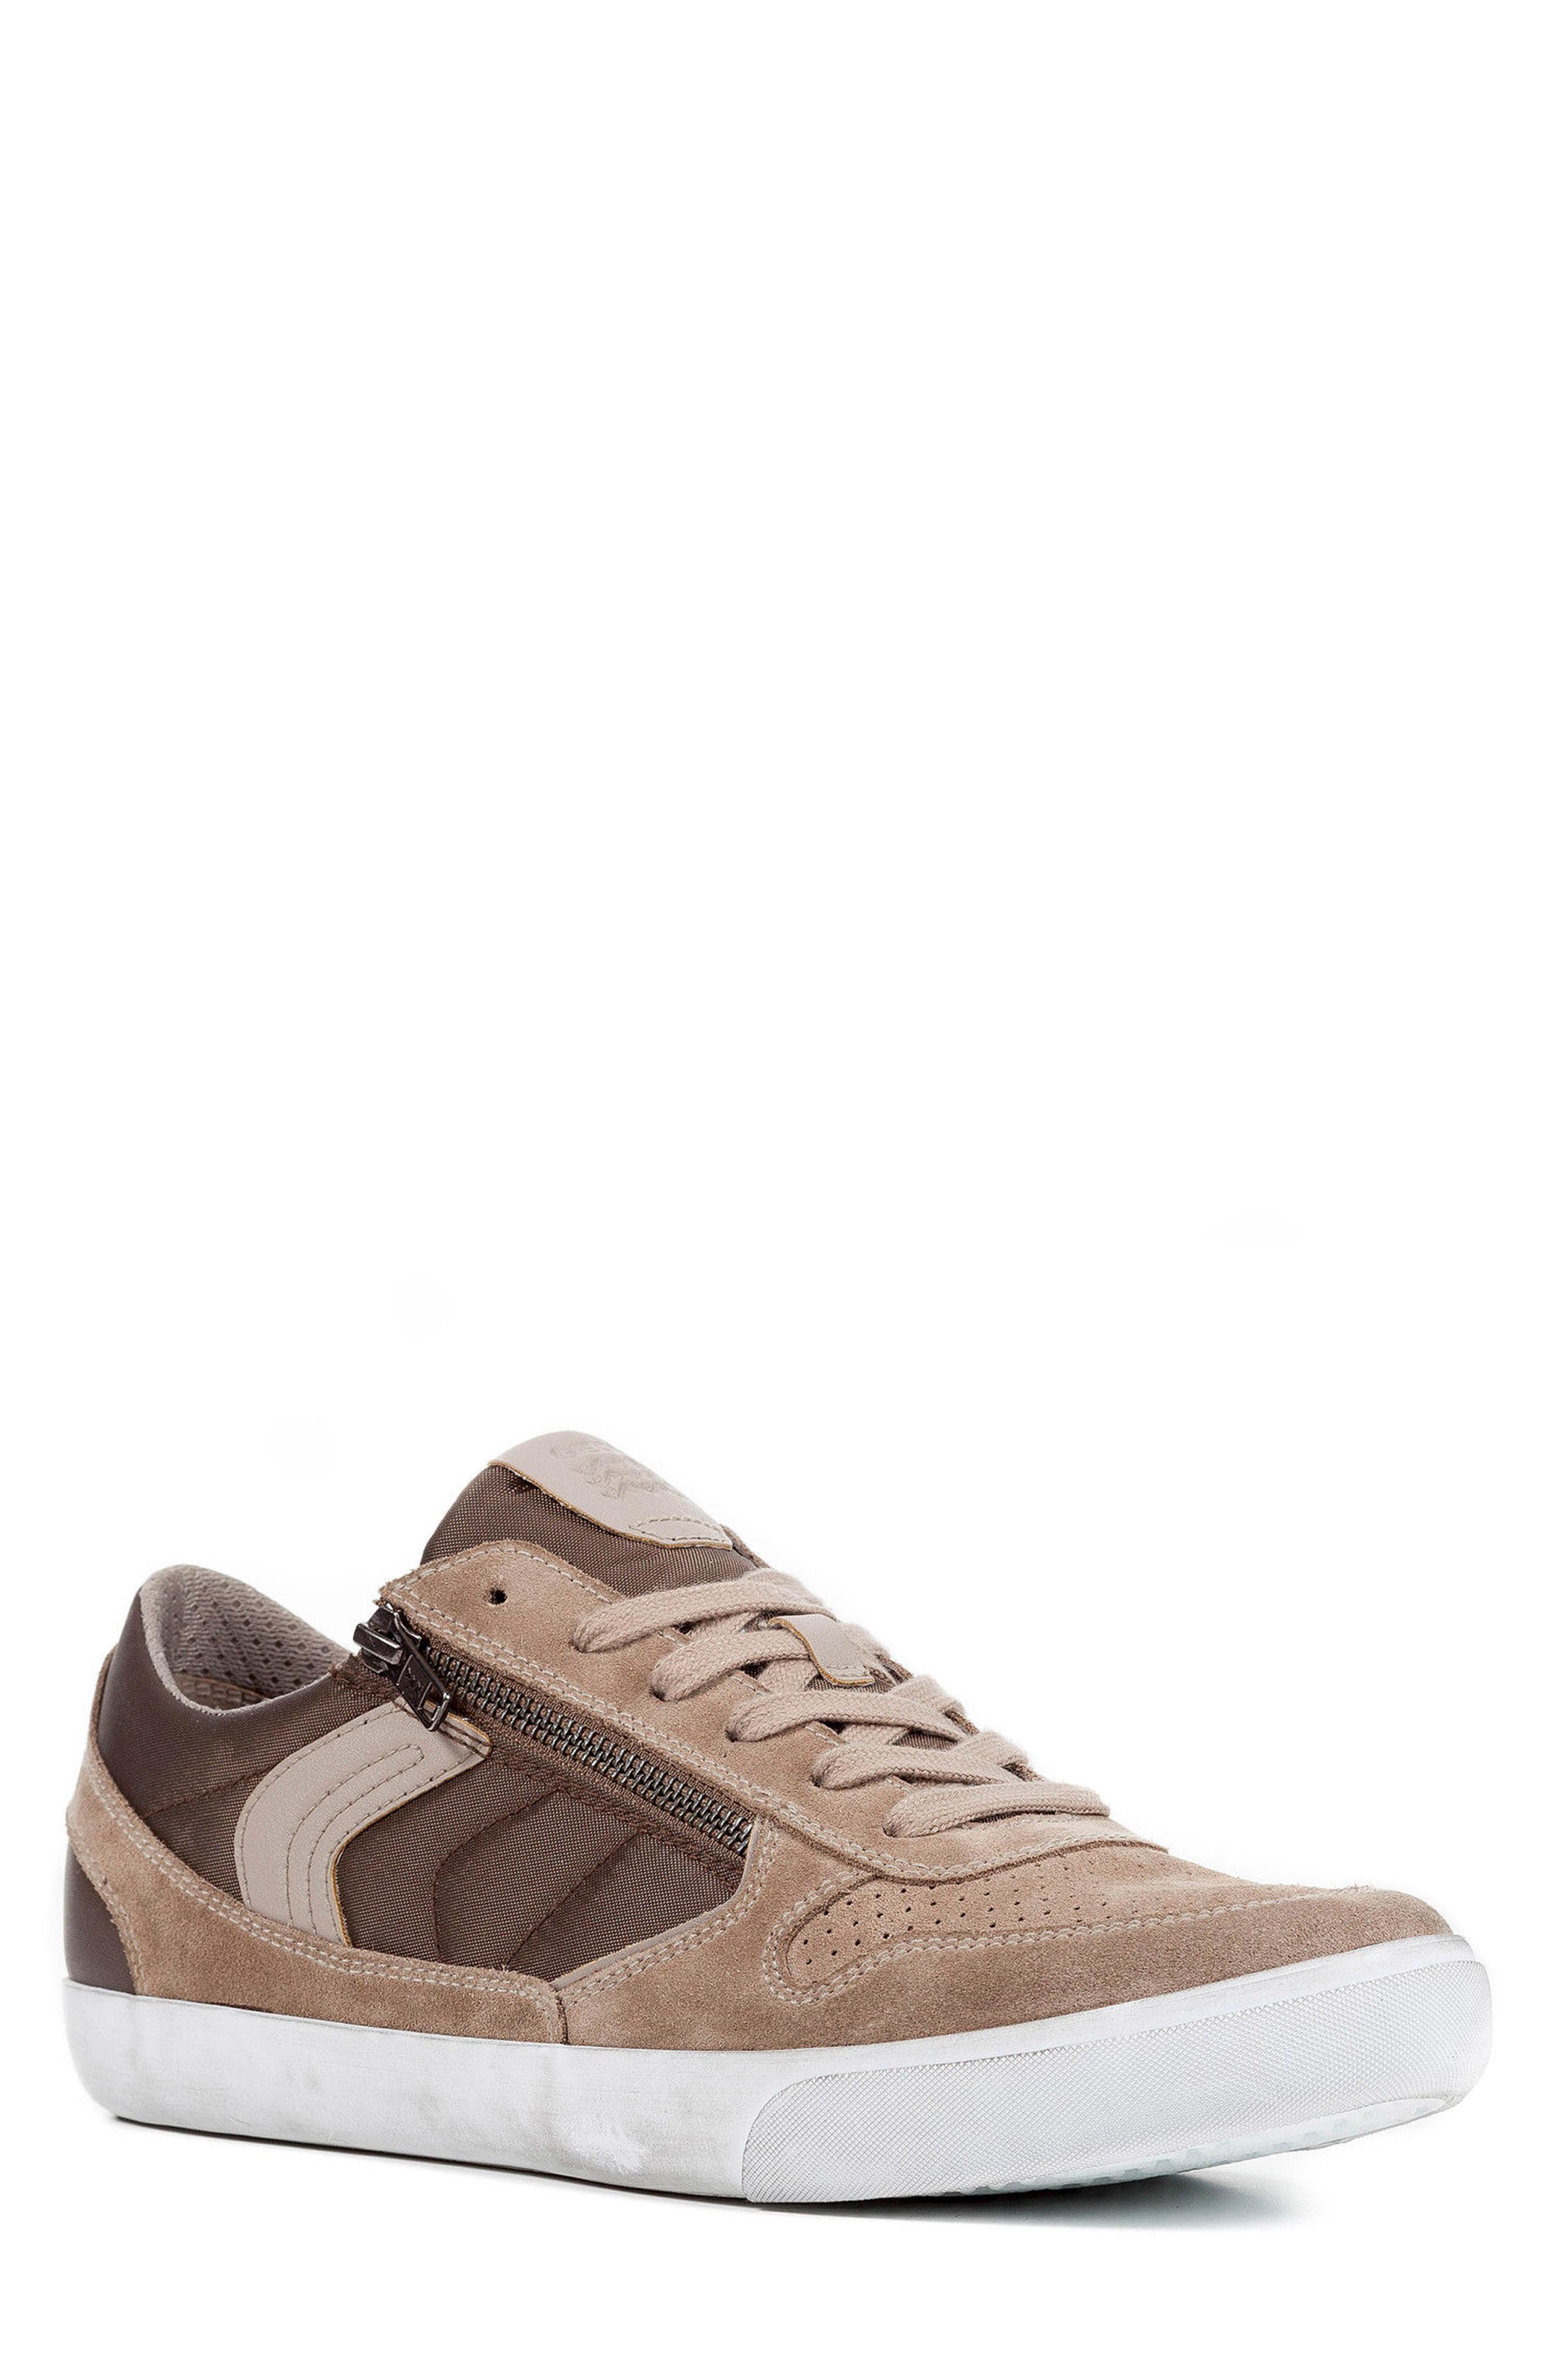 schnüren in retro Wählen Sie für offizielle Geox Box 33 Low Top Zip Sneaker In Sand/ Brown   ModeSens